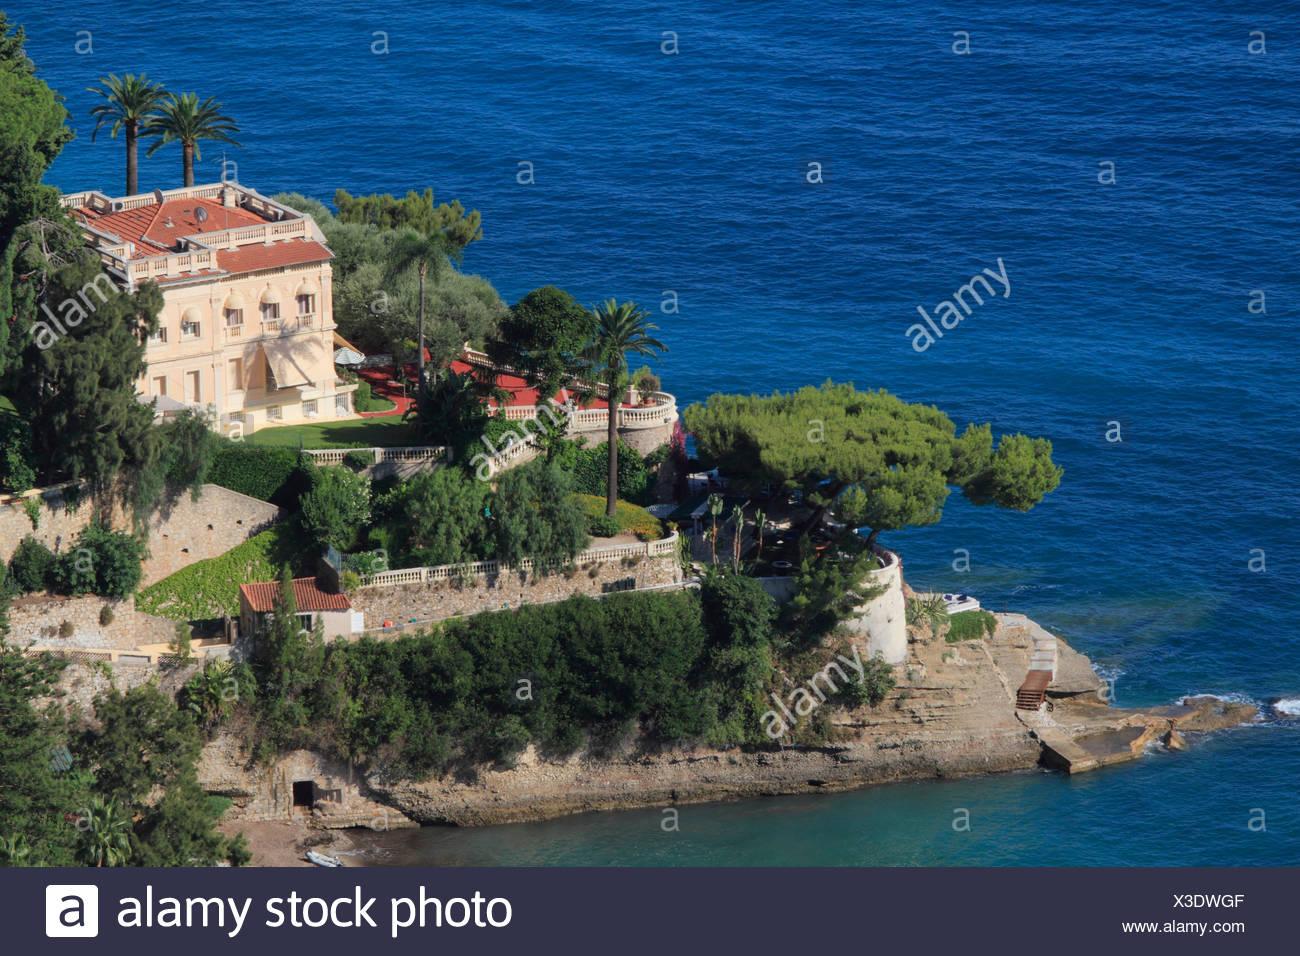 Luxury seaside villa, Roquebrune Cap Martin, Département Alpes Maritimes, Région Provence Alpes Côte d'Azur, France, Europe Stock Photo